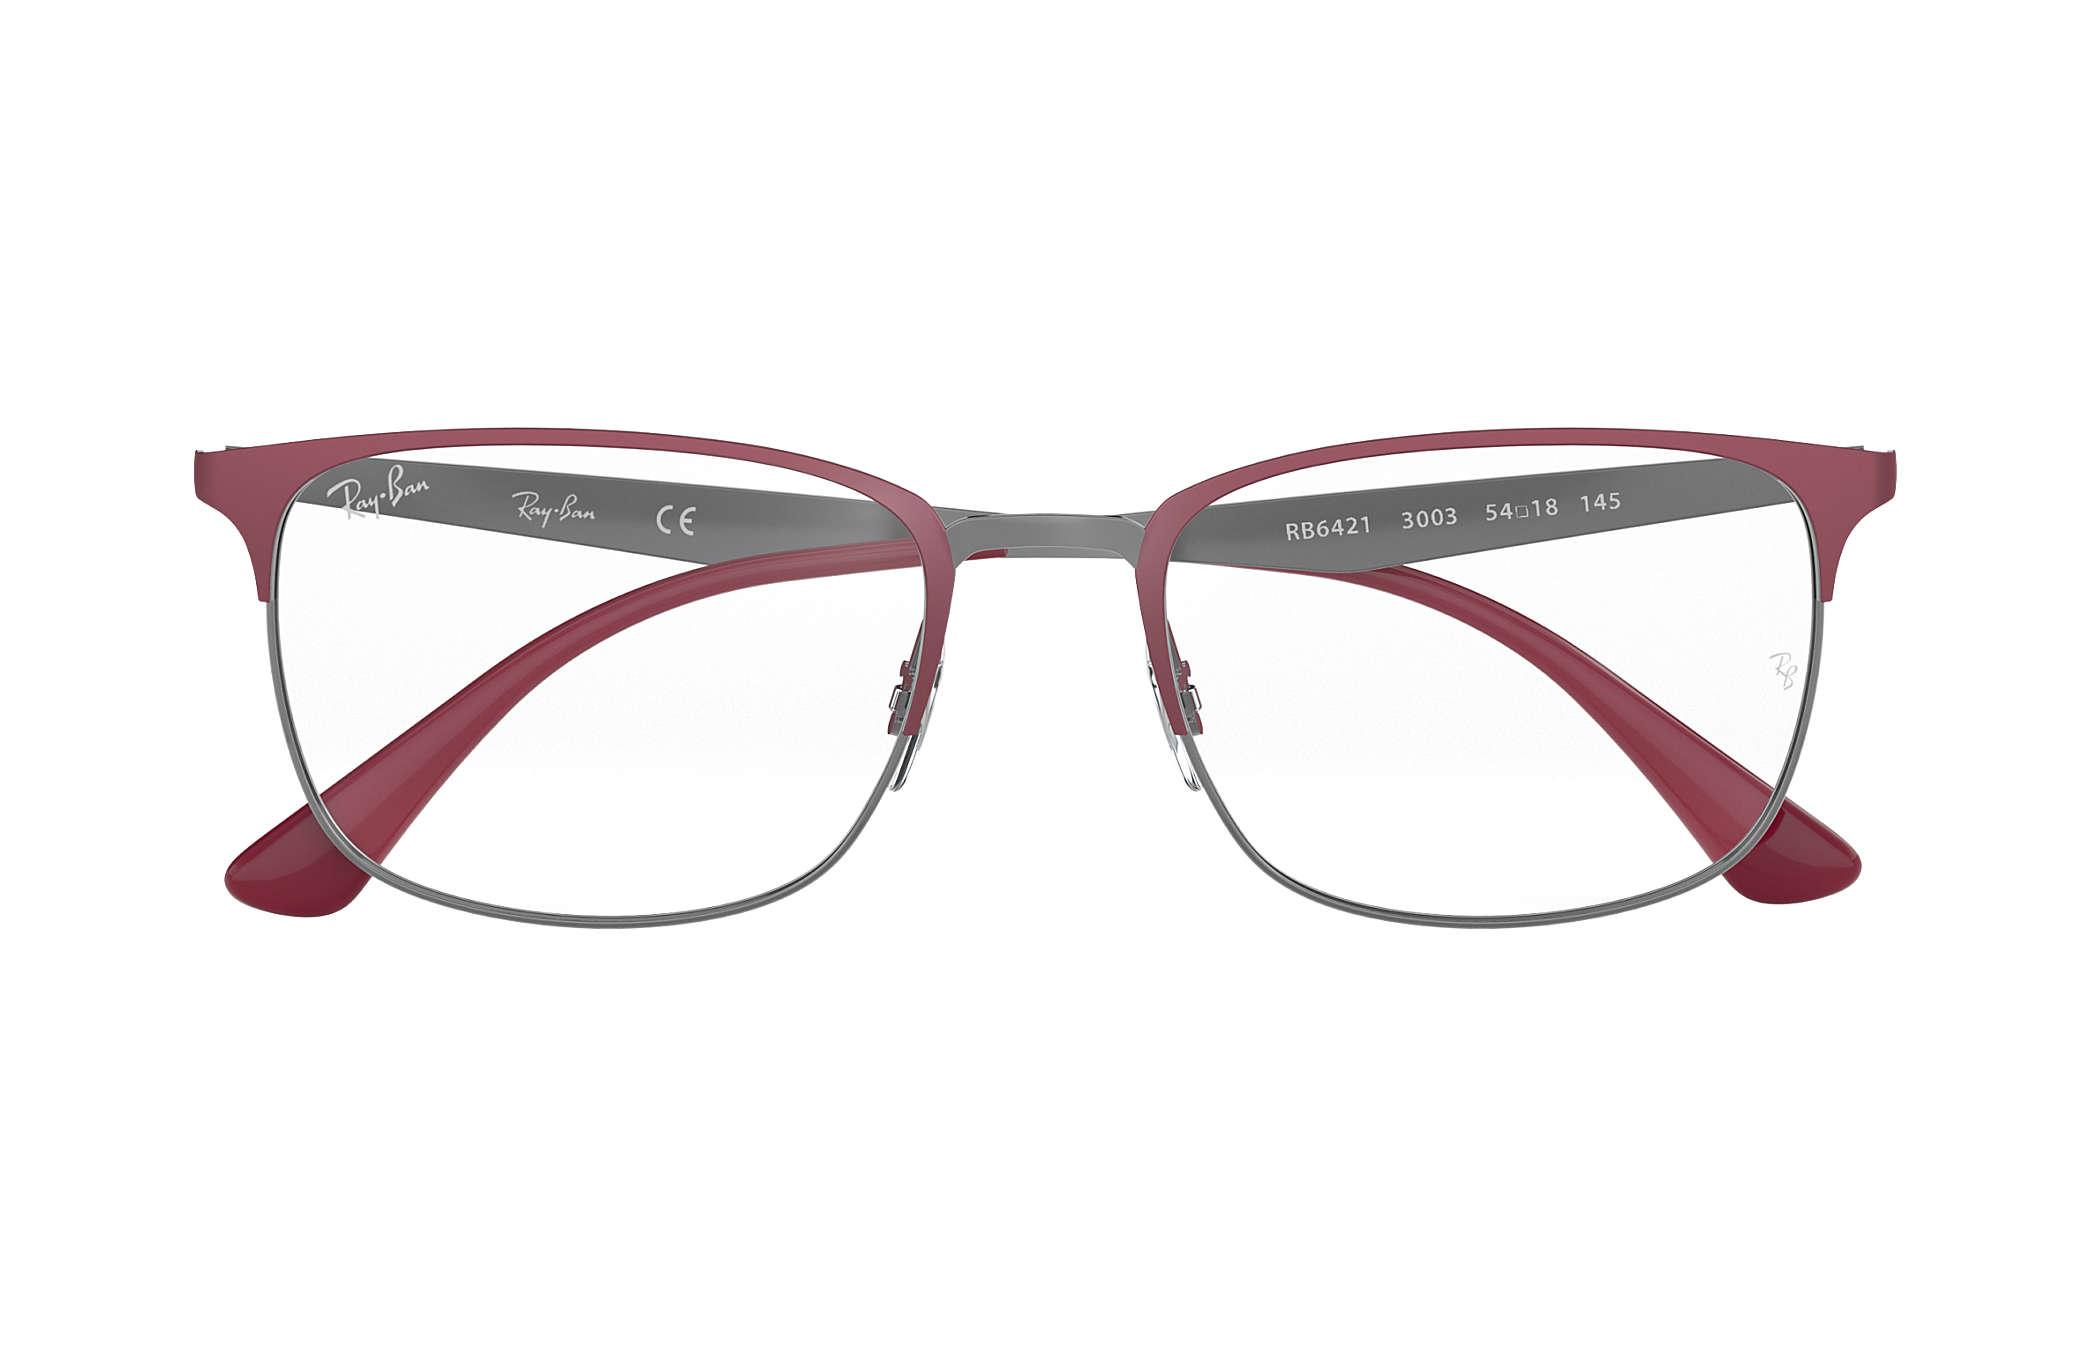 85f4de566a2 Ray-Ban eyeglasses RB6421 Bordeaux - Metal - 0RX6421300354